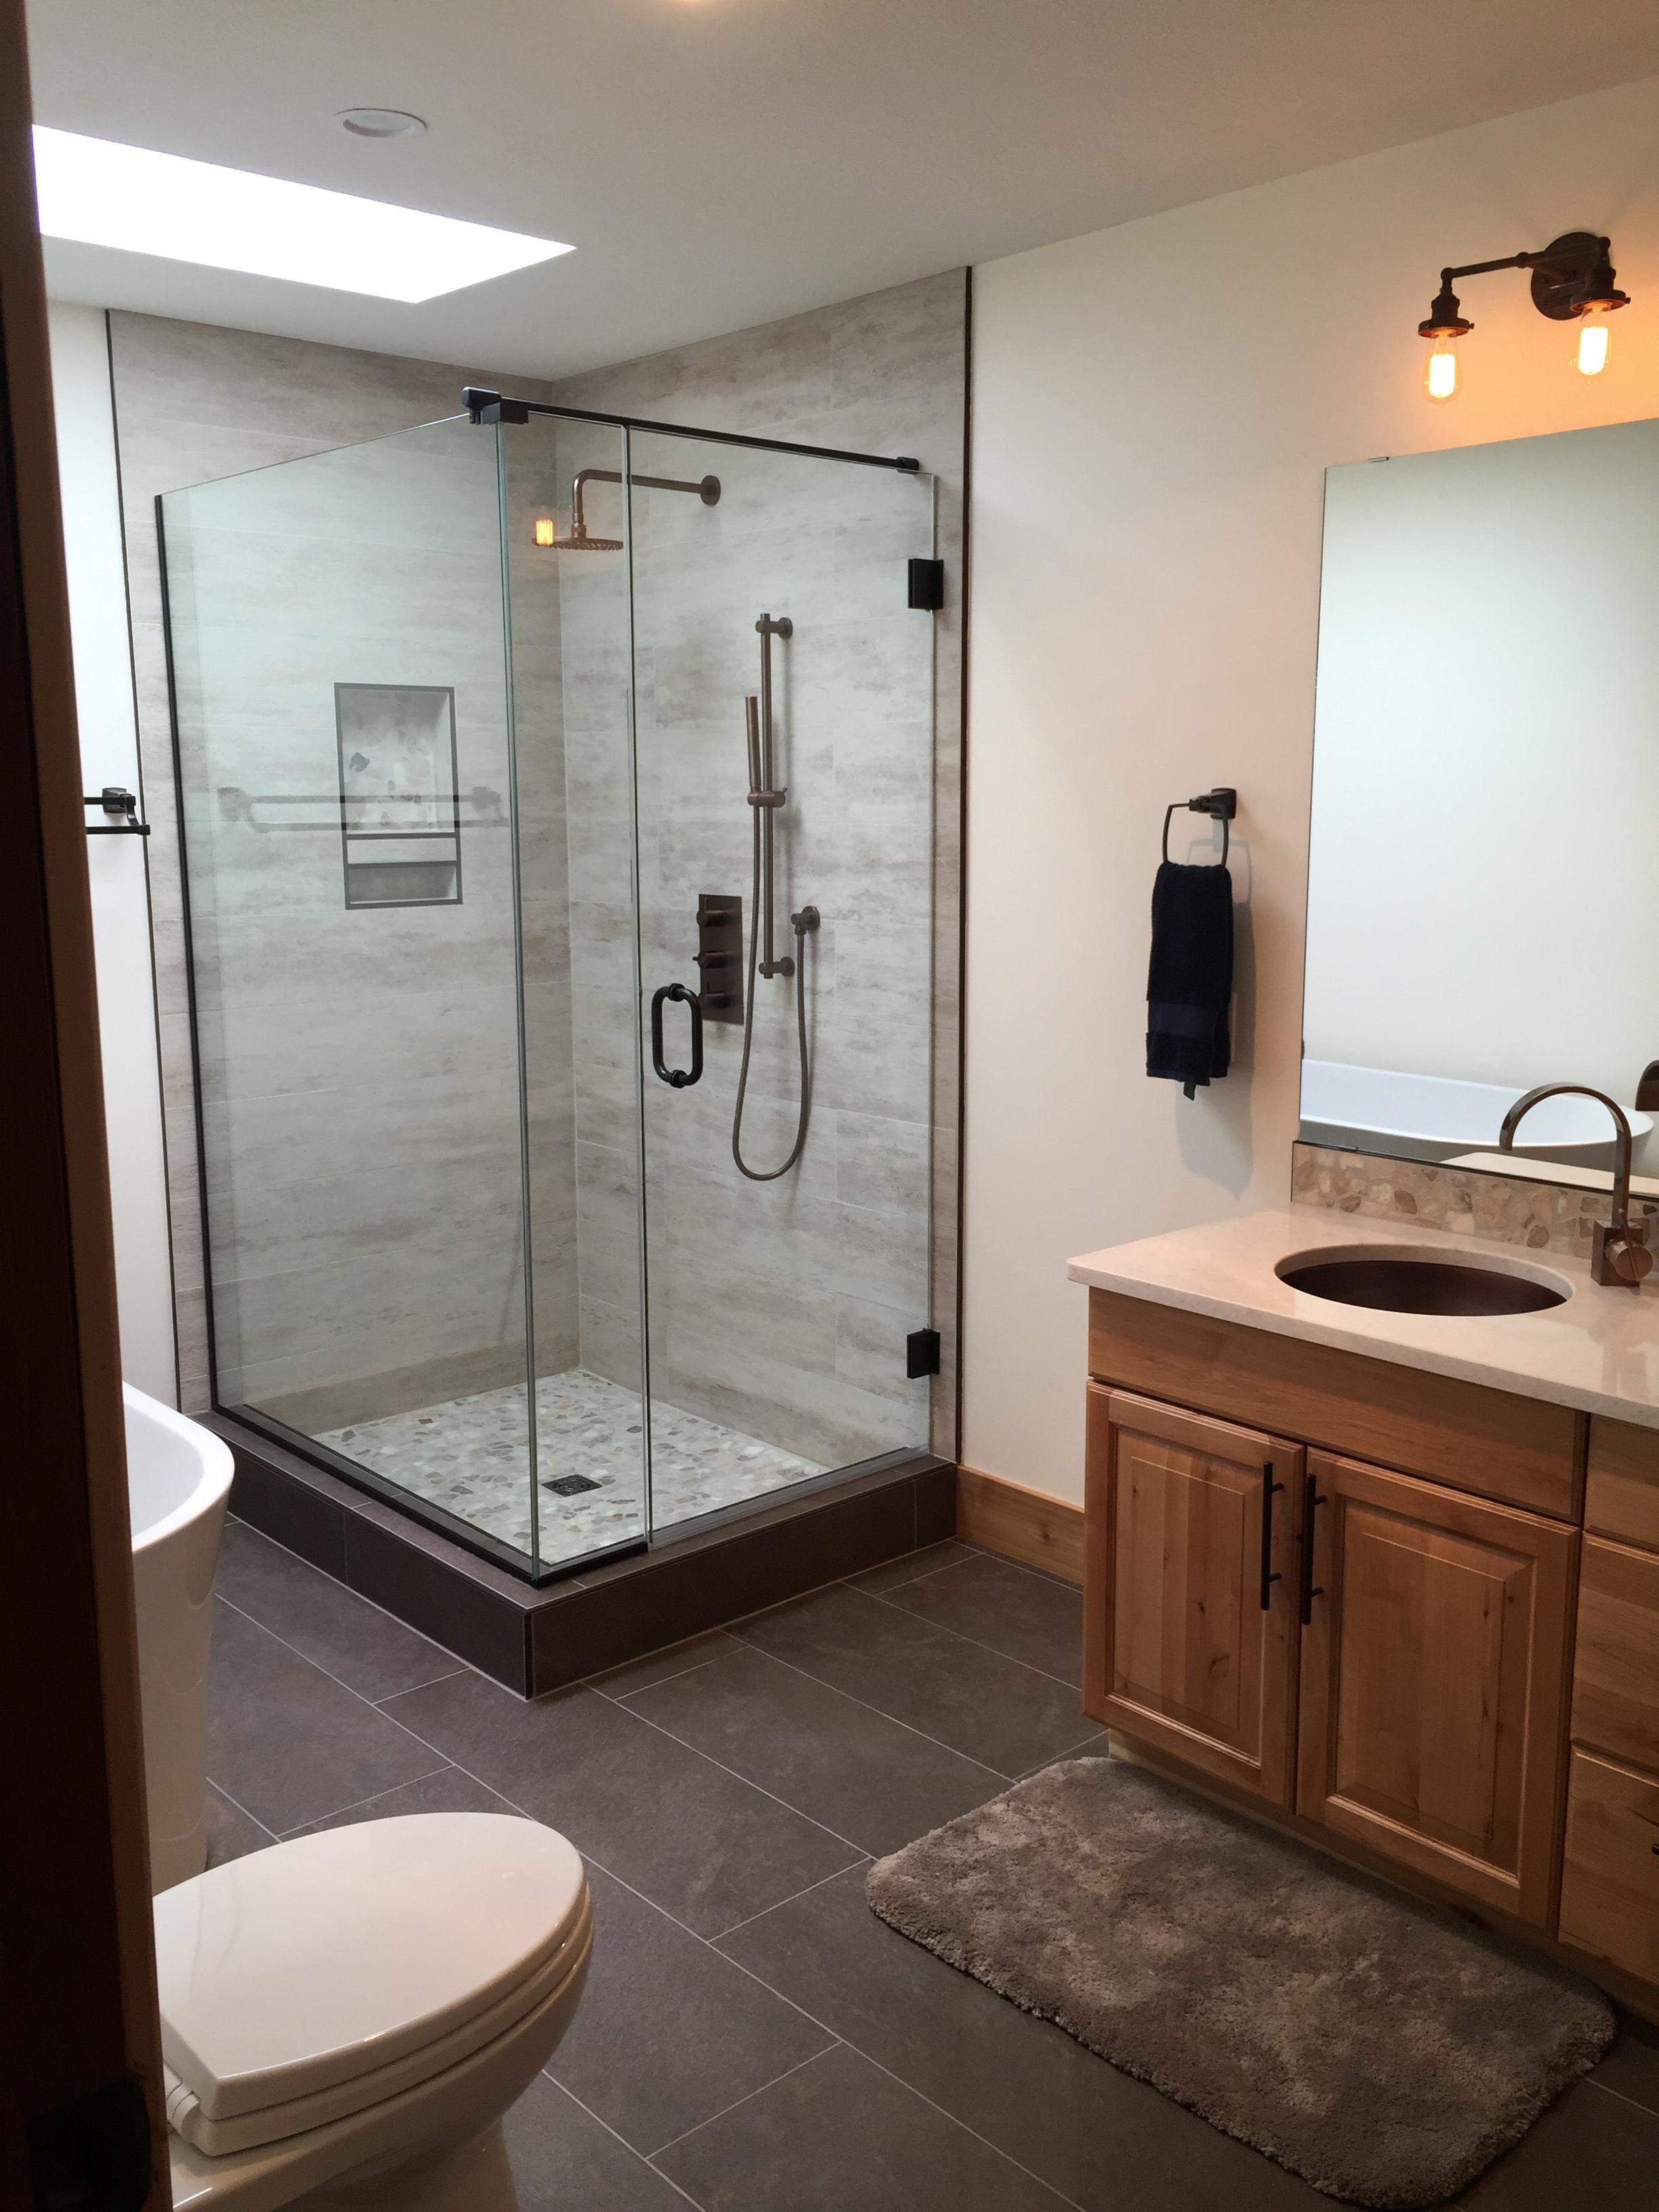 Custom shower, pebble shower floor and backsplash, large format porcelain tile, antique bronze fixtures.